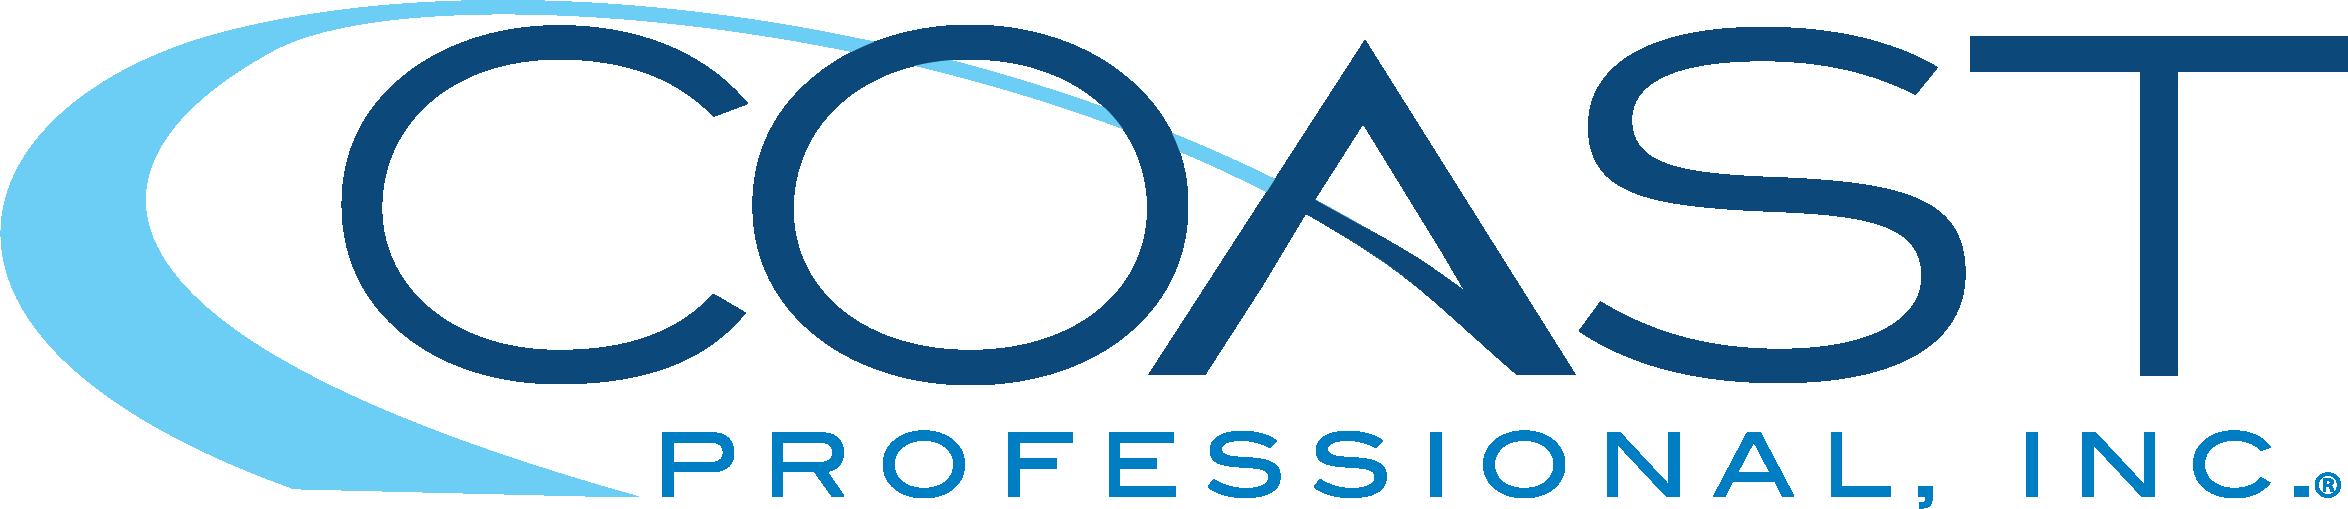 Coast Professional, Inc. Company Logo